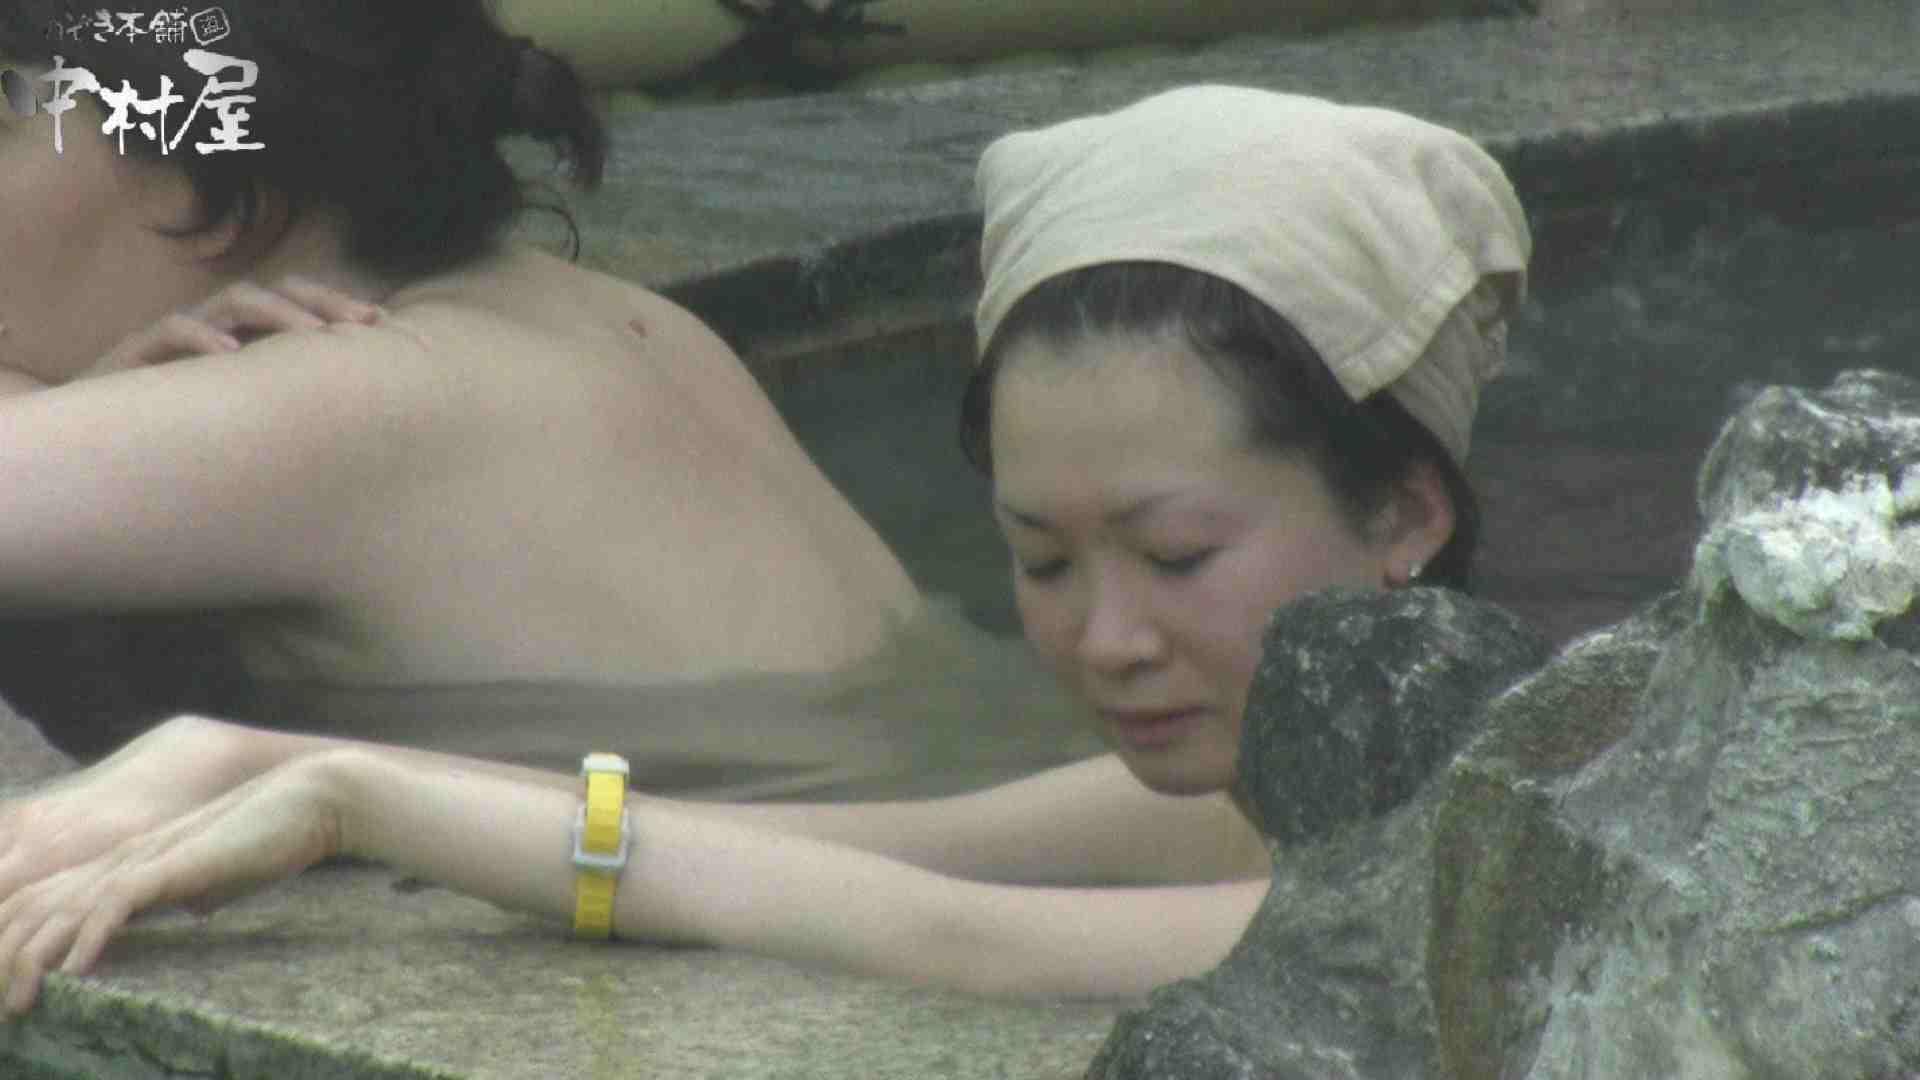 Aquaな露天風呂Vol.906 いやらしいOL 盗撮動画紹介 88連発 50